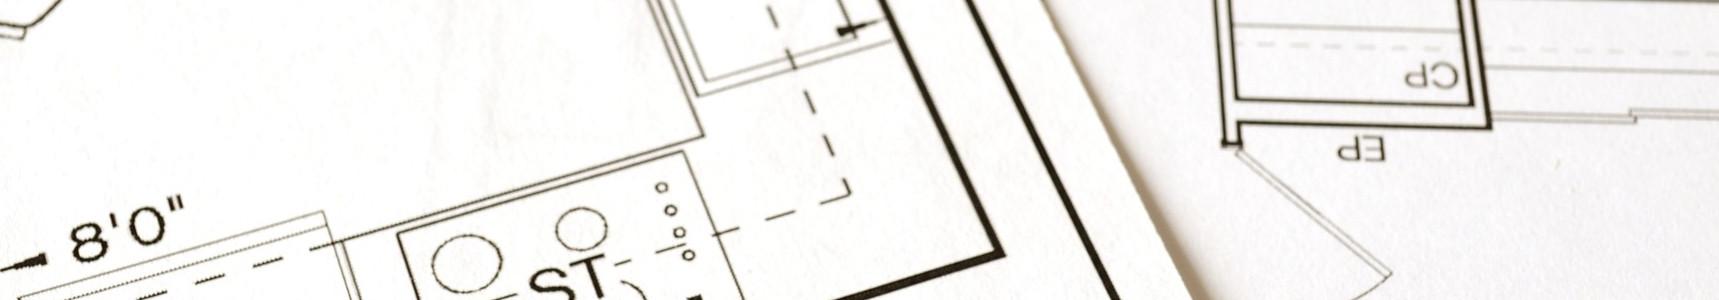 Planos de edificio